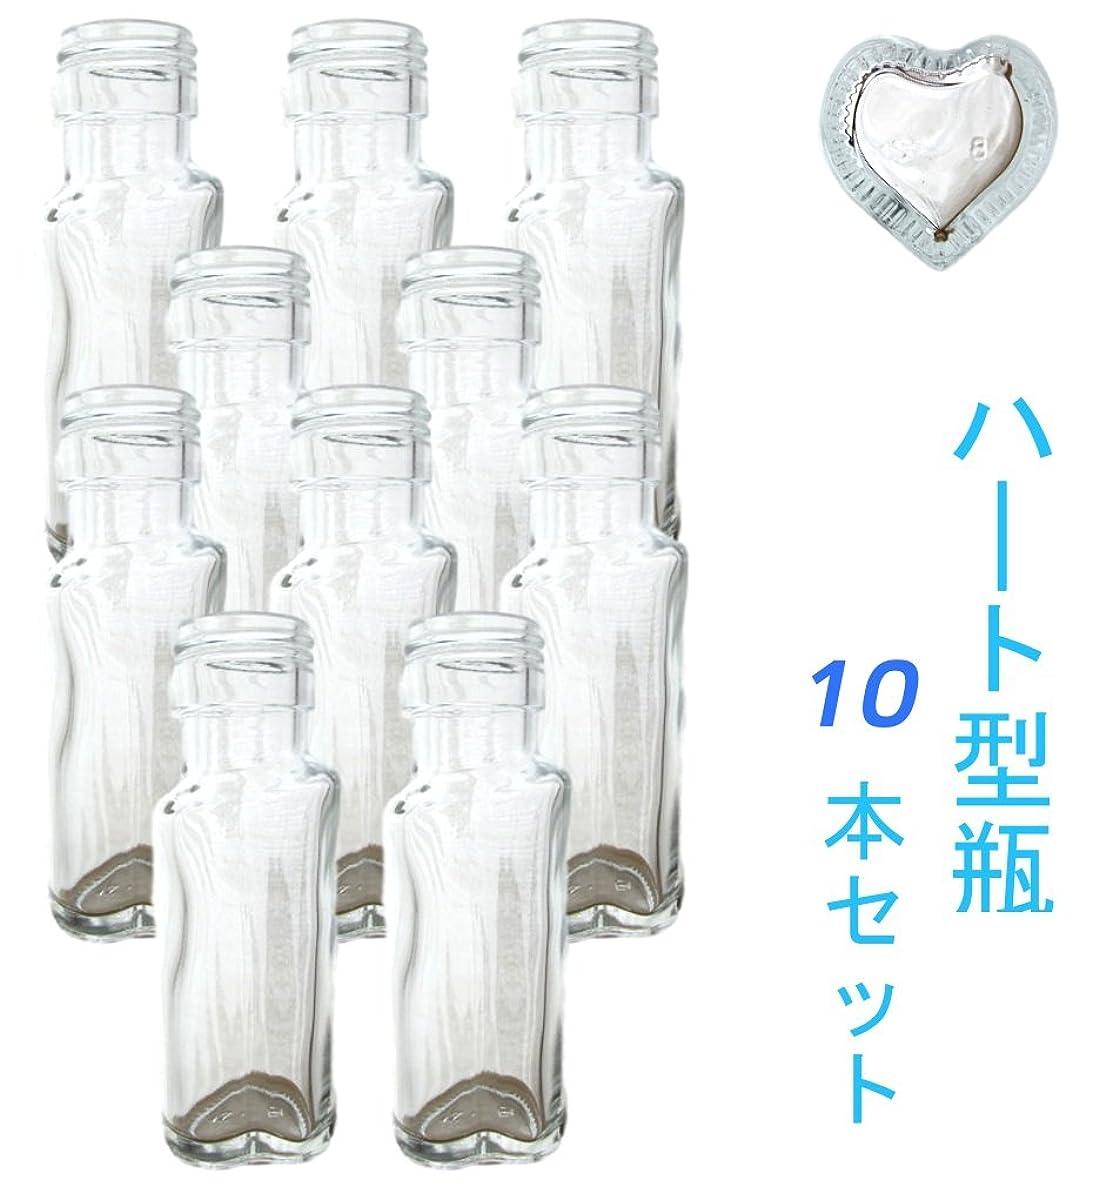 フランクワースリー姿勢推進力(ジャストユーズ)JustU's 日本製 ポリ栓 中栓付きハート型ガラス瓶 10本セット 50cc 50ml アロマデュフューザー ハーバリウム 調味料 オイル タレ ドレッシング瓶 B10-SSH50A-S